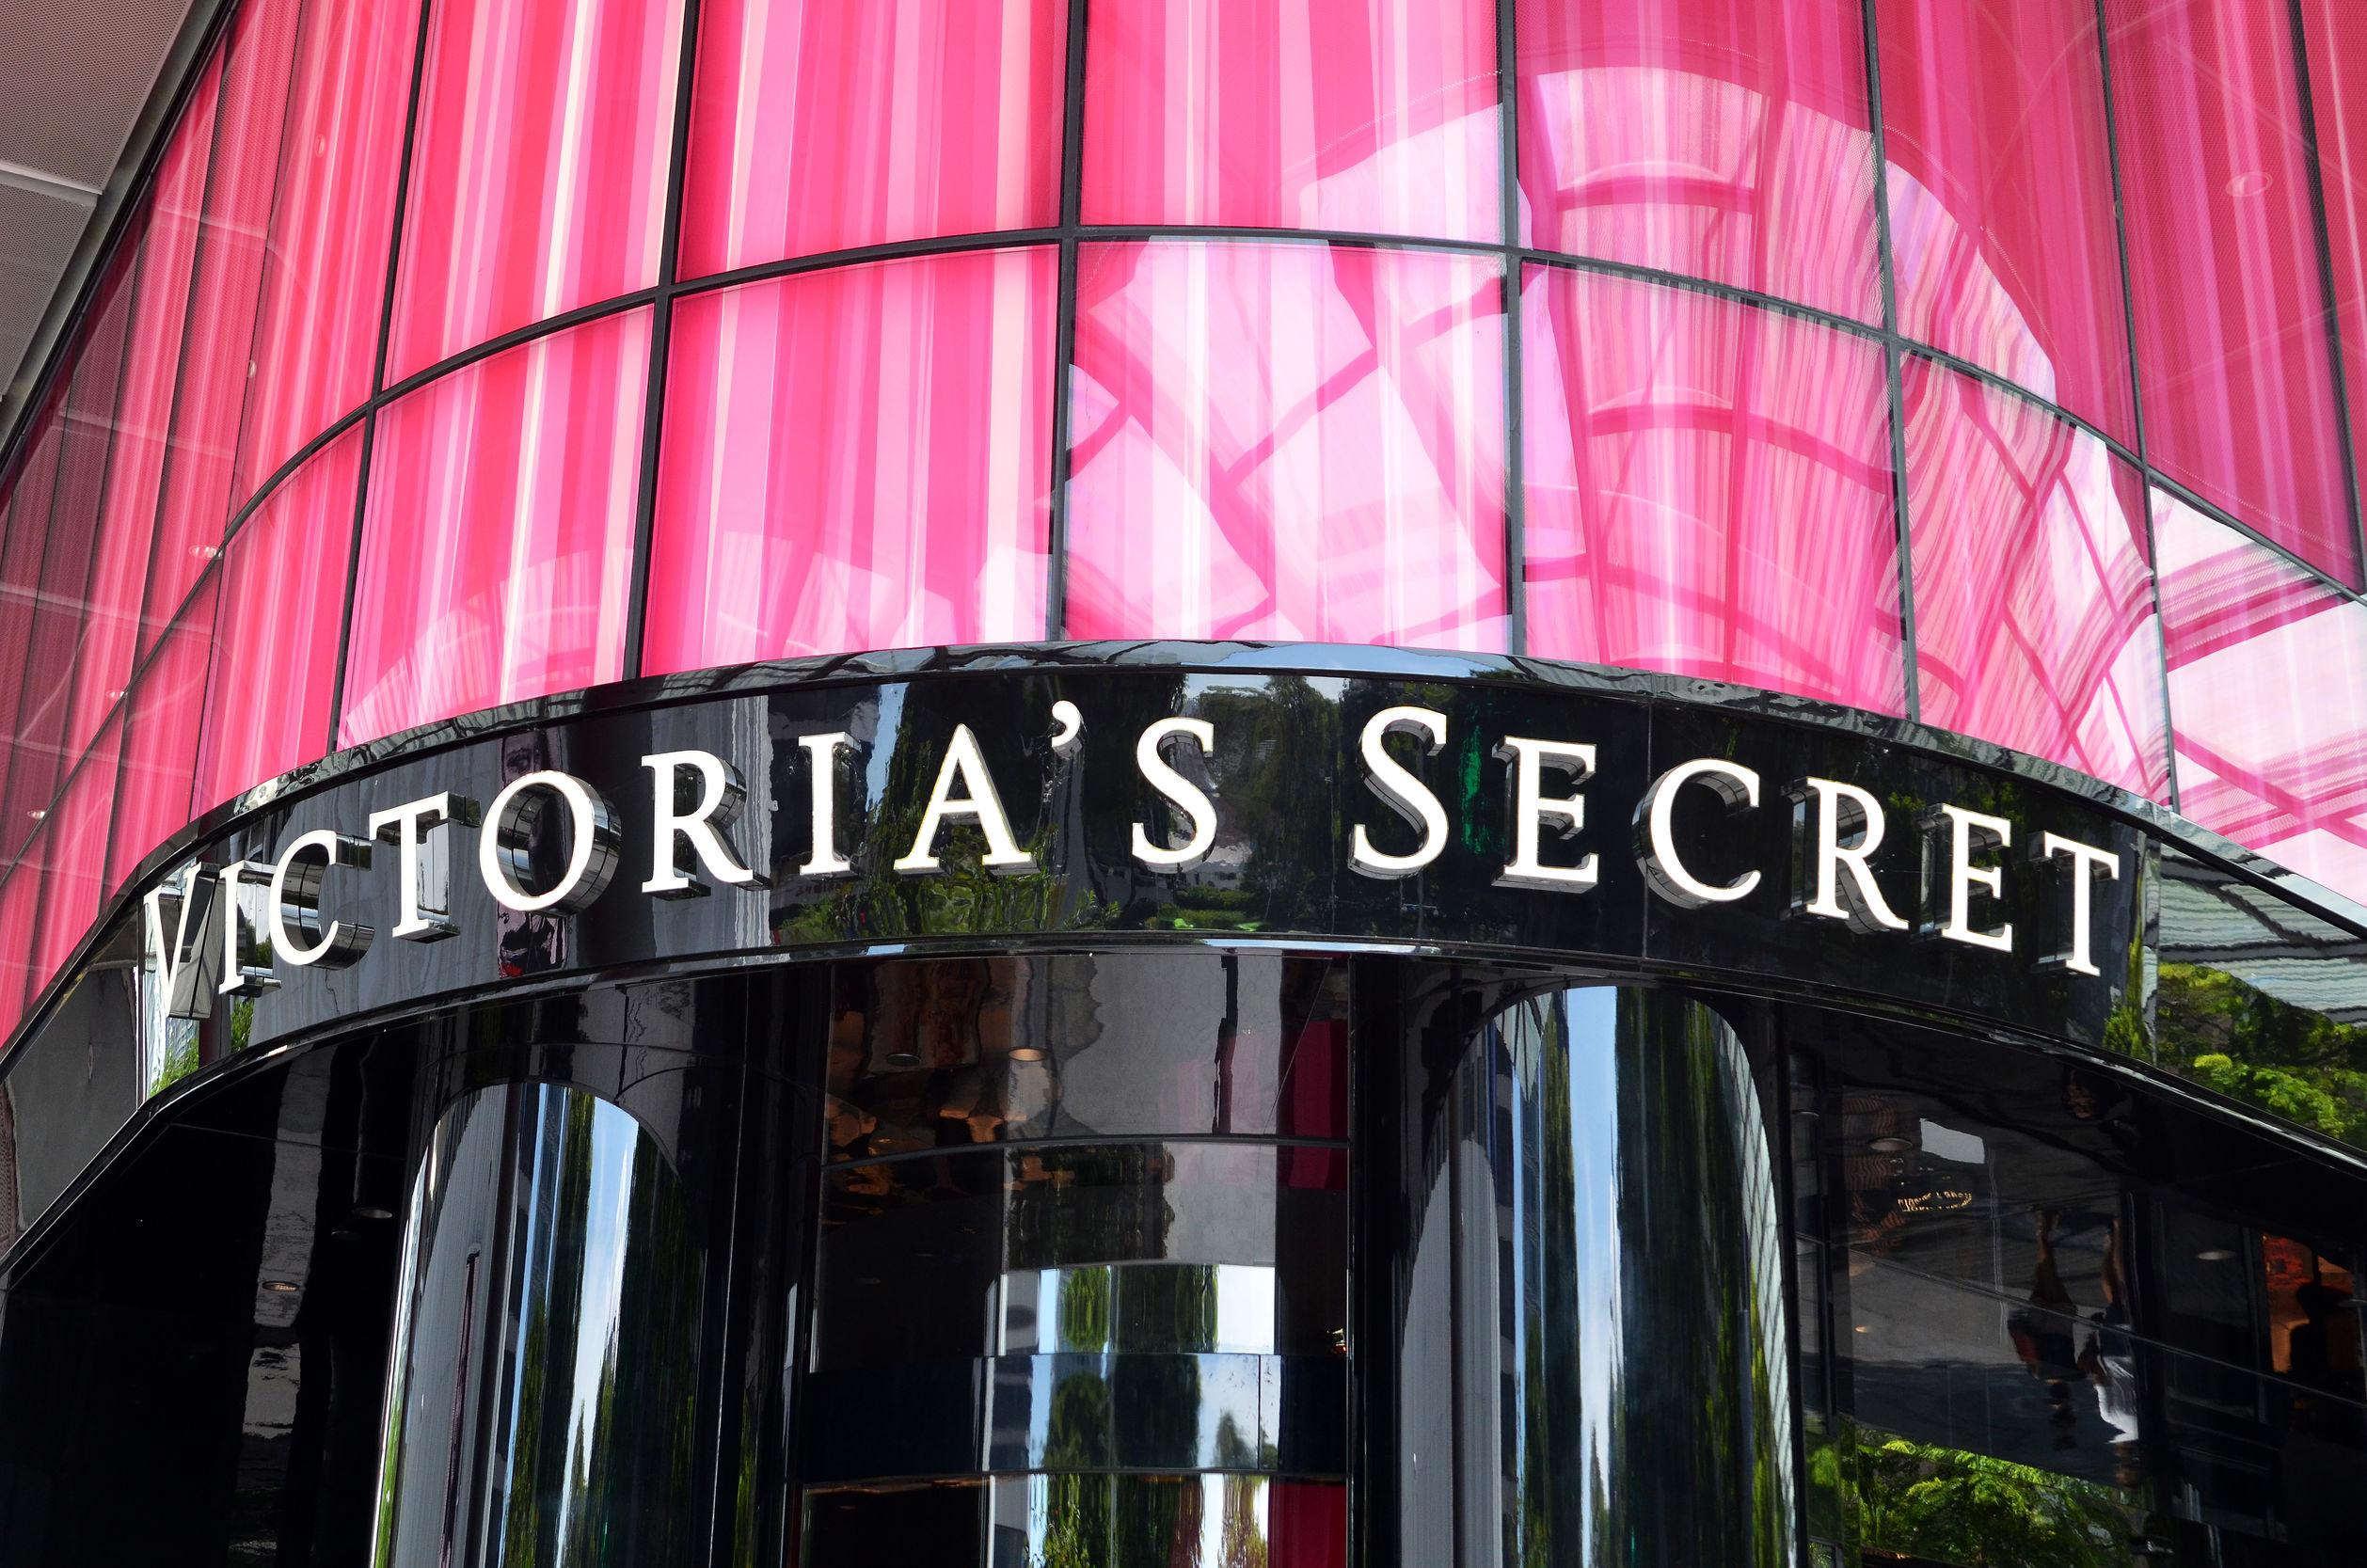 Foto mostra a fachada de uma loja da Victoria's Secret.